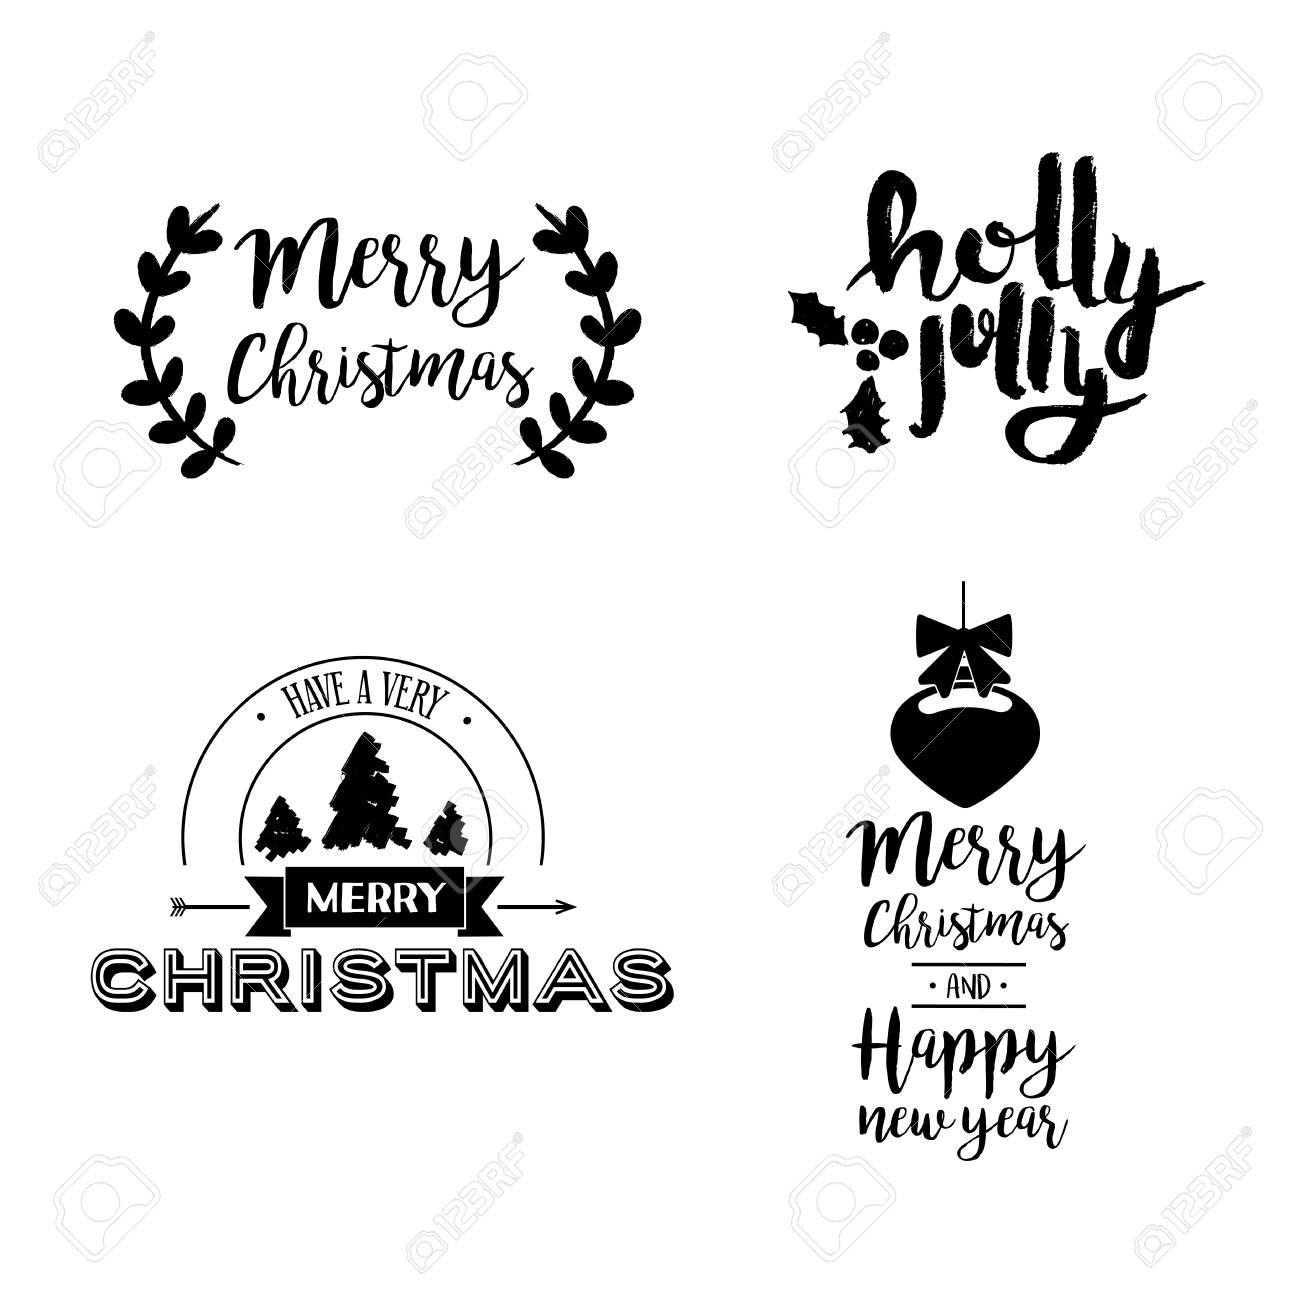 Weihnachten Bilder Mit Text.Stock Photo